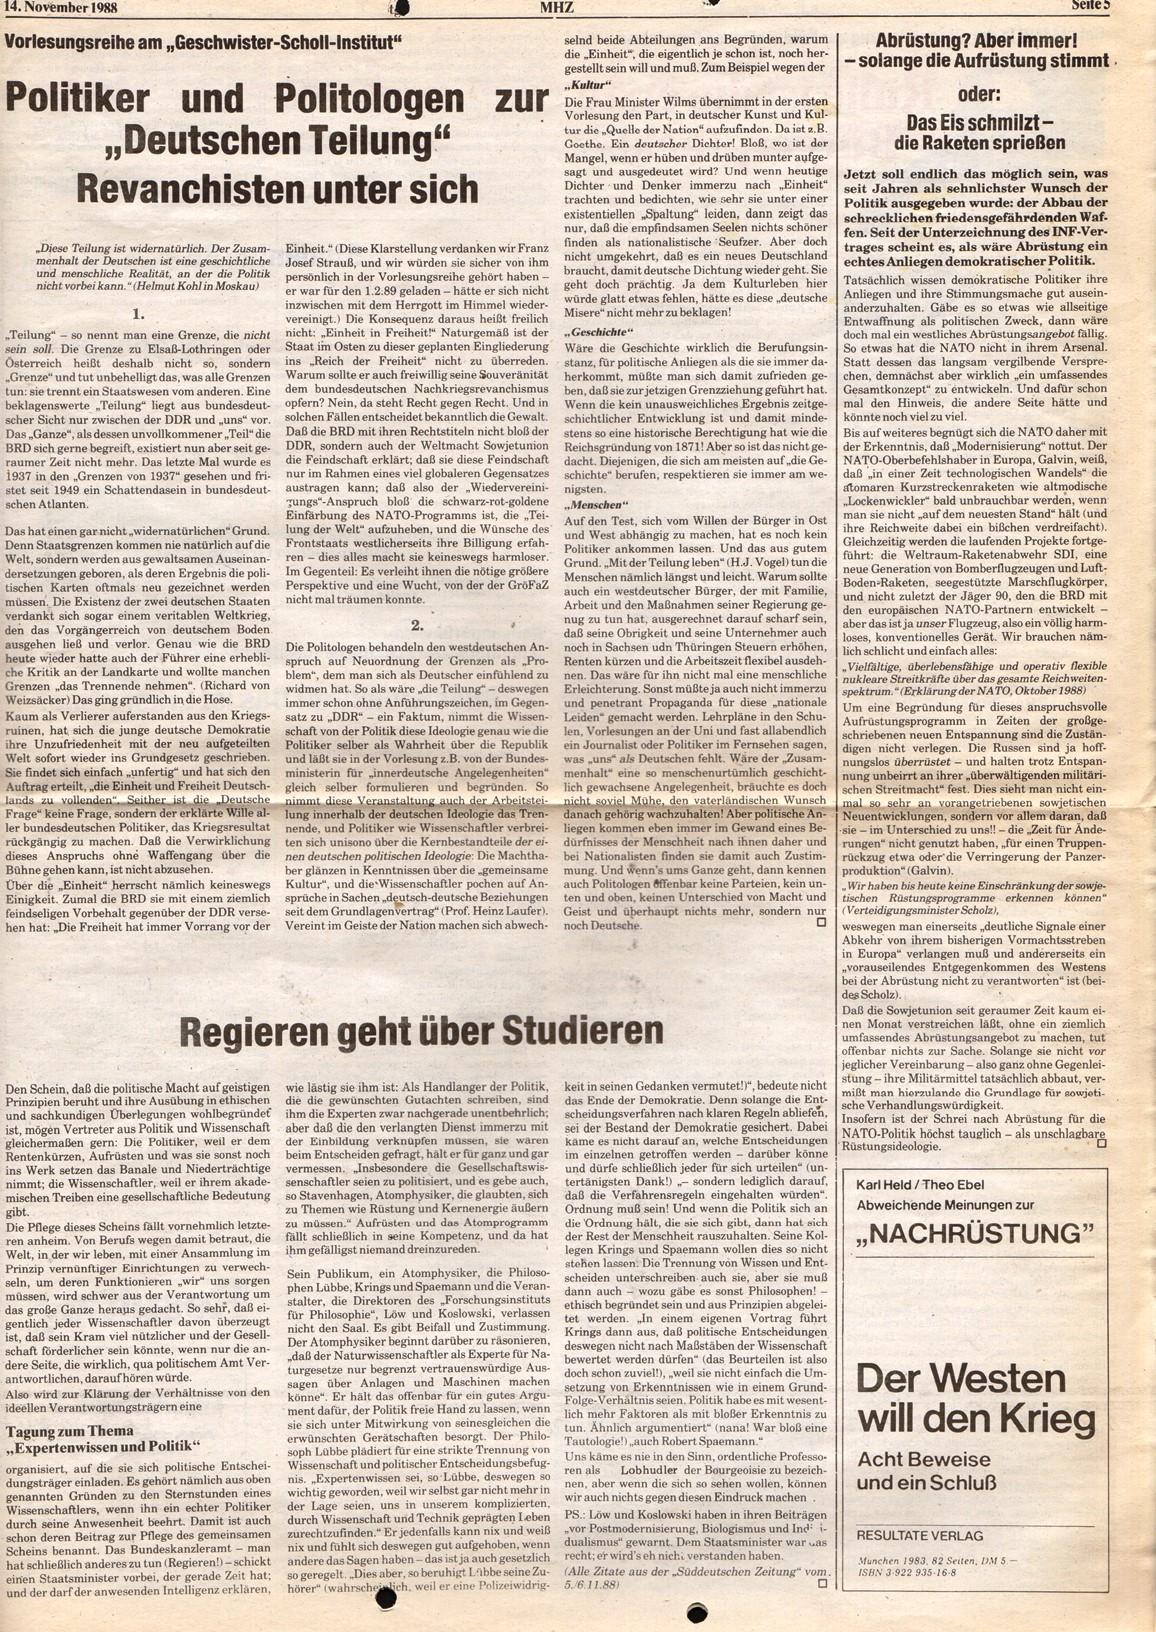 Muenchen_MG_Hochschulzeitung_19881114_05